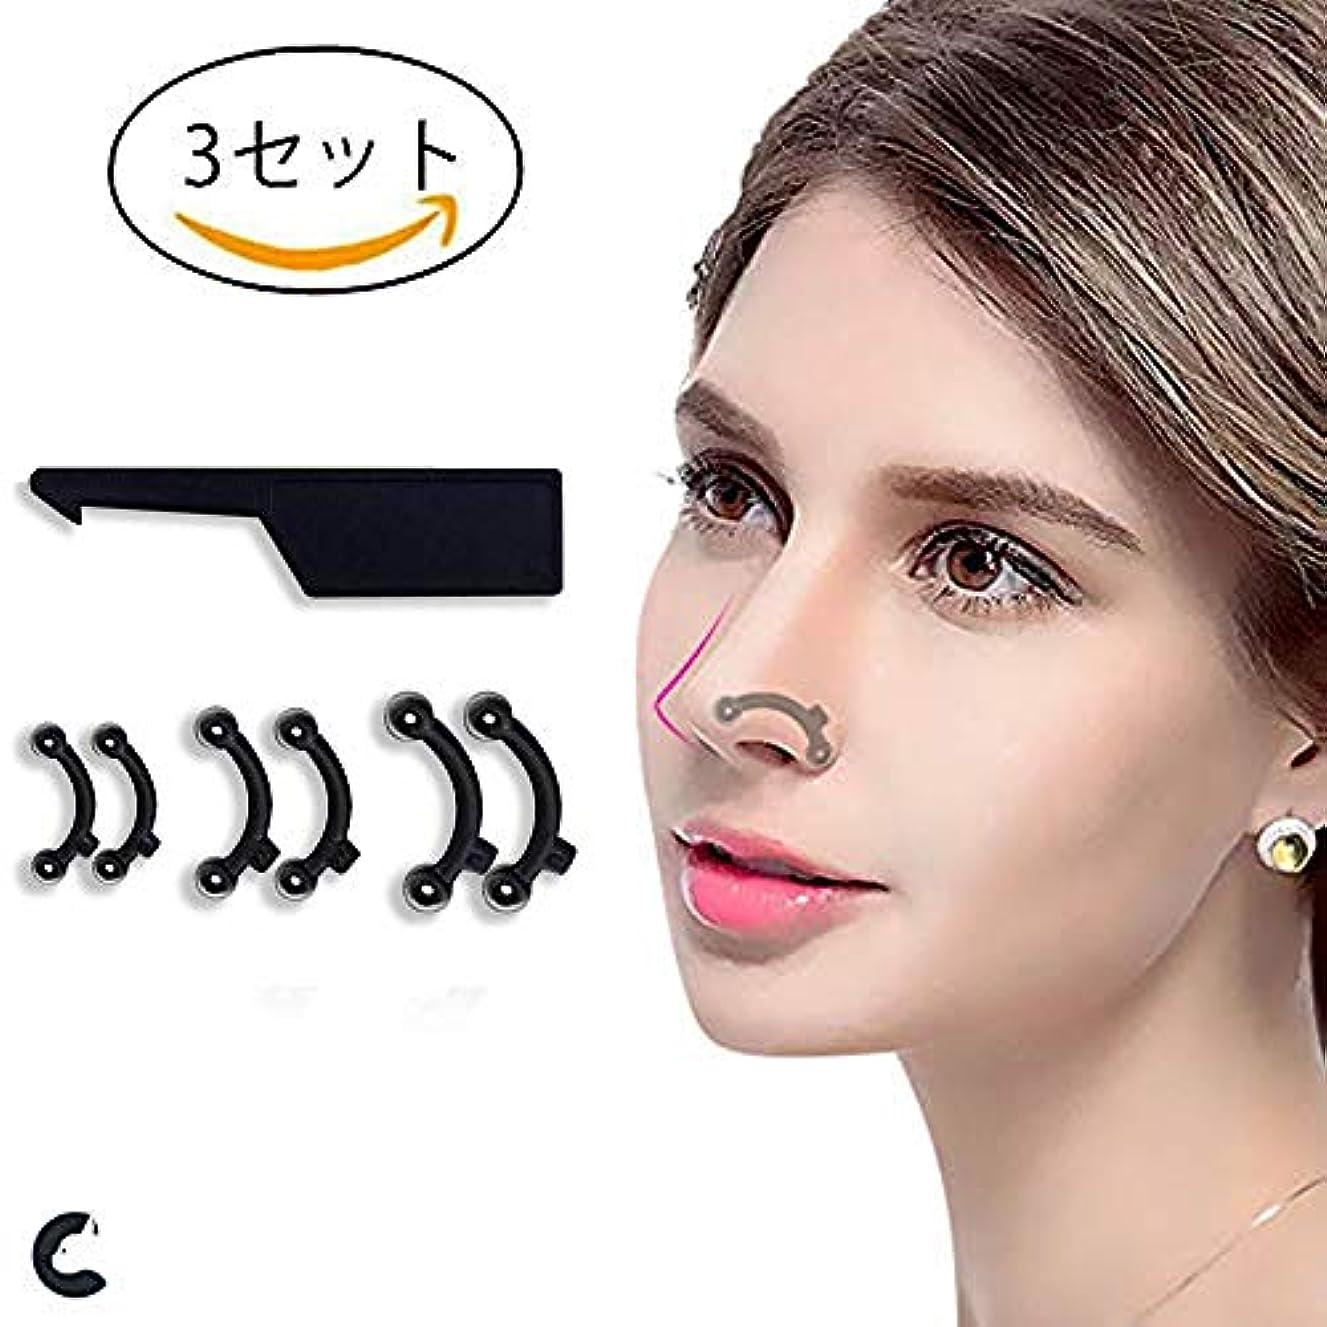 ペグ形成何でもICOUCHI 鼻プチ シリコン プチ整形 痛くない 柔軟性高く矯正プチ 整形せず 鼻筋矯正 23mm/24.5mm/26mm全3サイズ